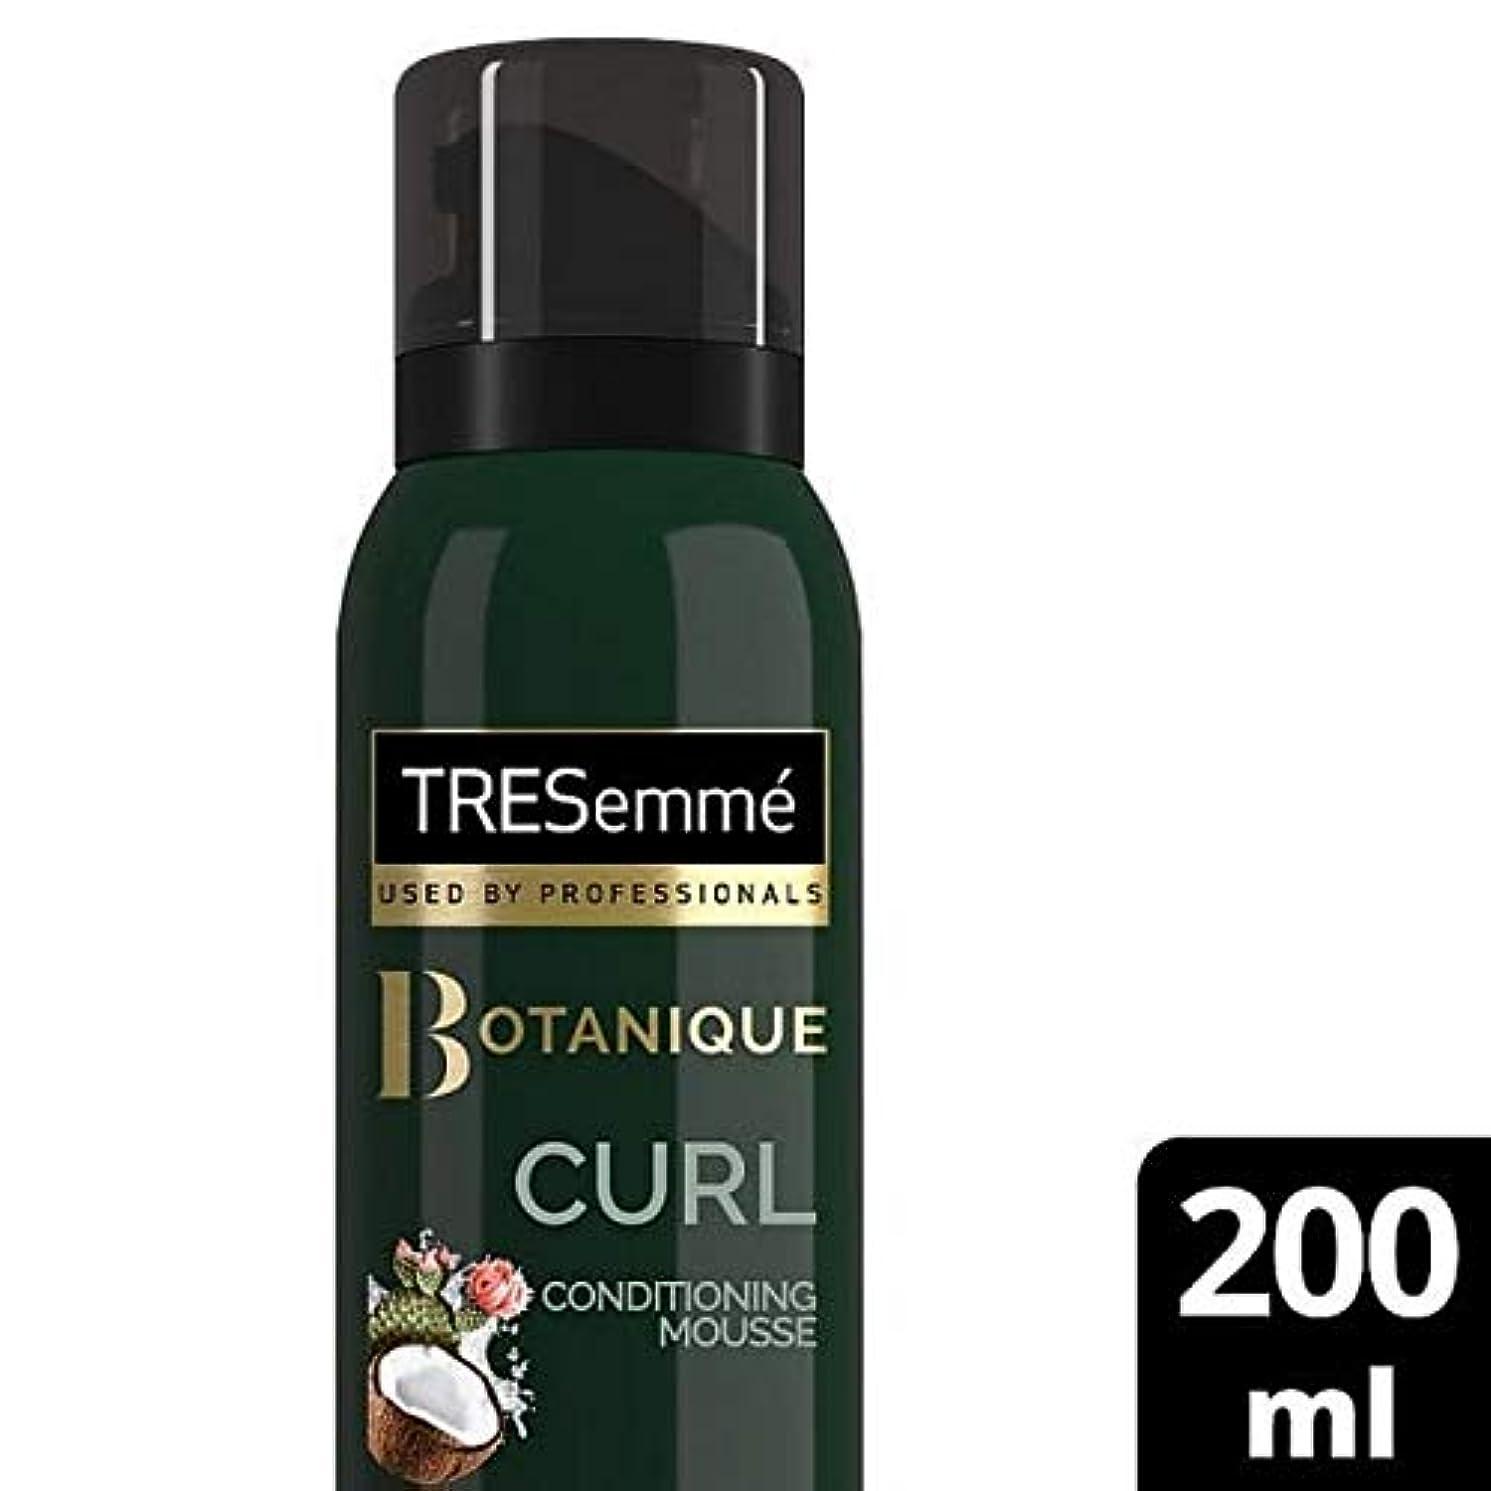 休暇終わりおとなしい[Tresemme] Tresemmeカールコンディショニングムース20ミリリットル - TRESemme Curl Conditioning Mousse 20ml [並行輸入品]